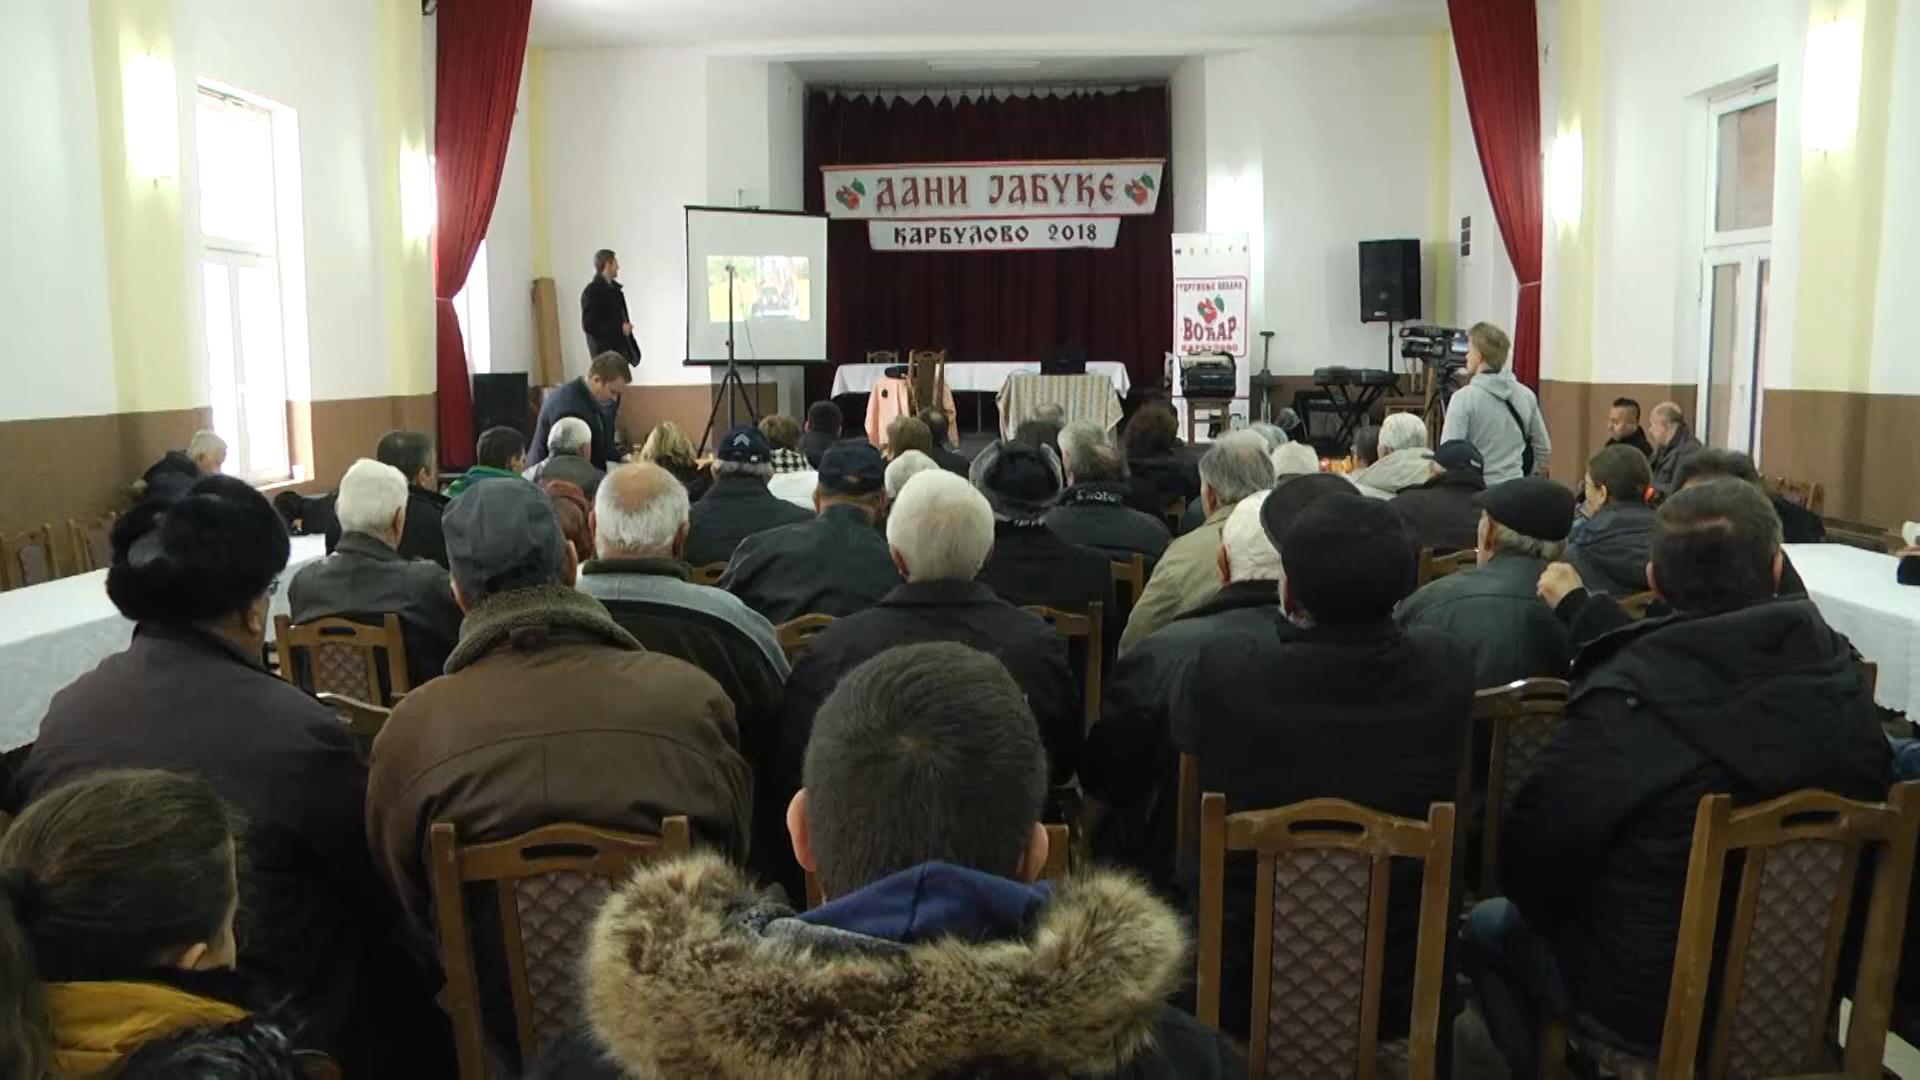 """U Karbulovu, održana edukativno-promotivna manifestacija """"Dani jabuke-Karbulovo 2018"""""""